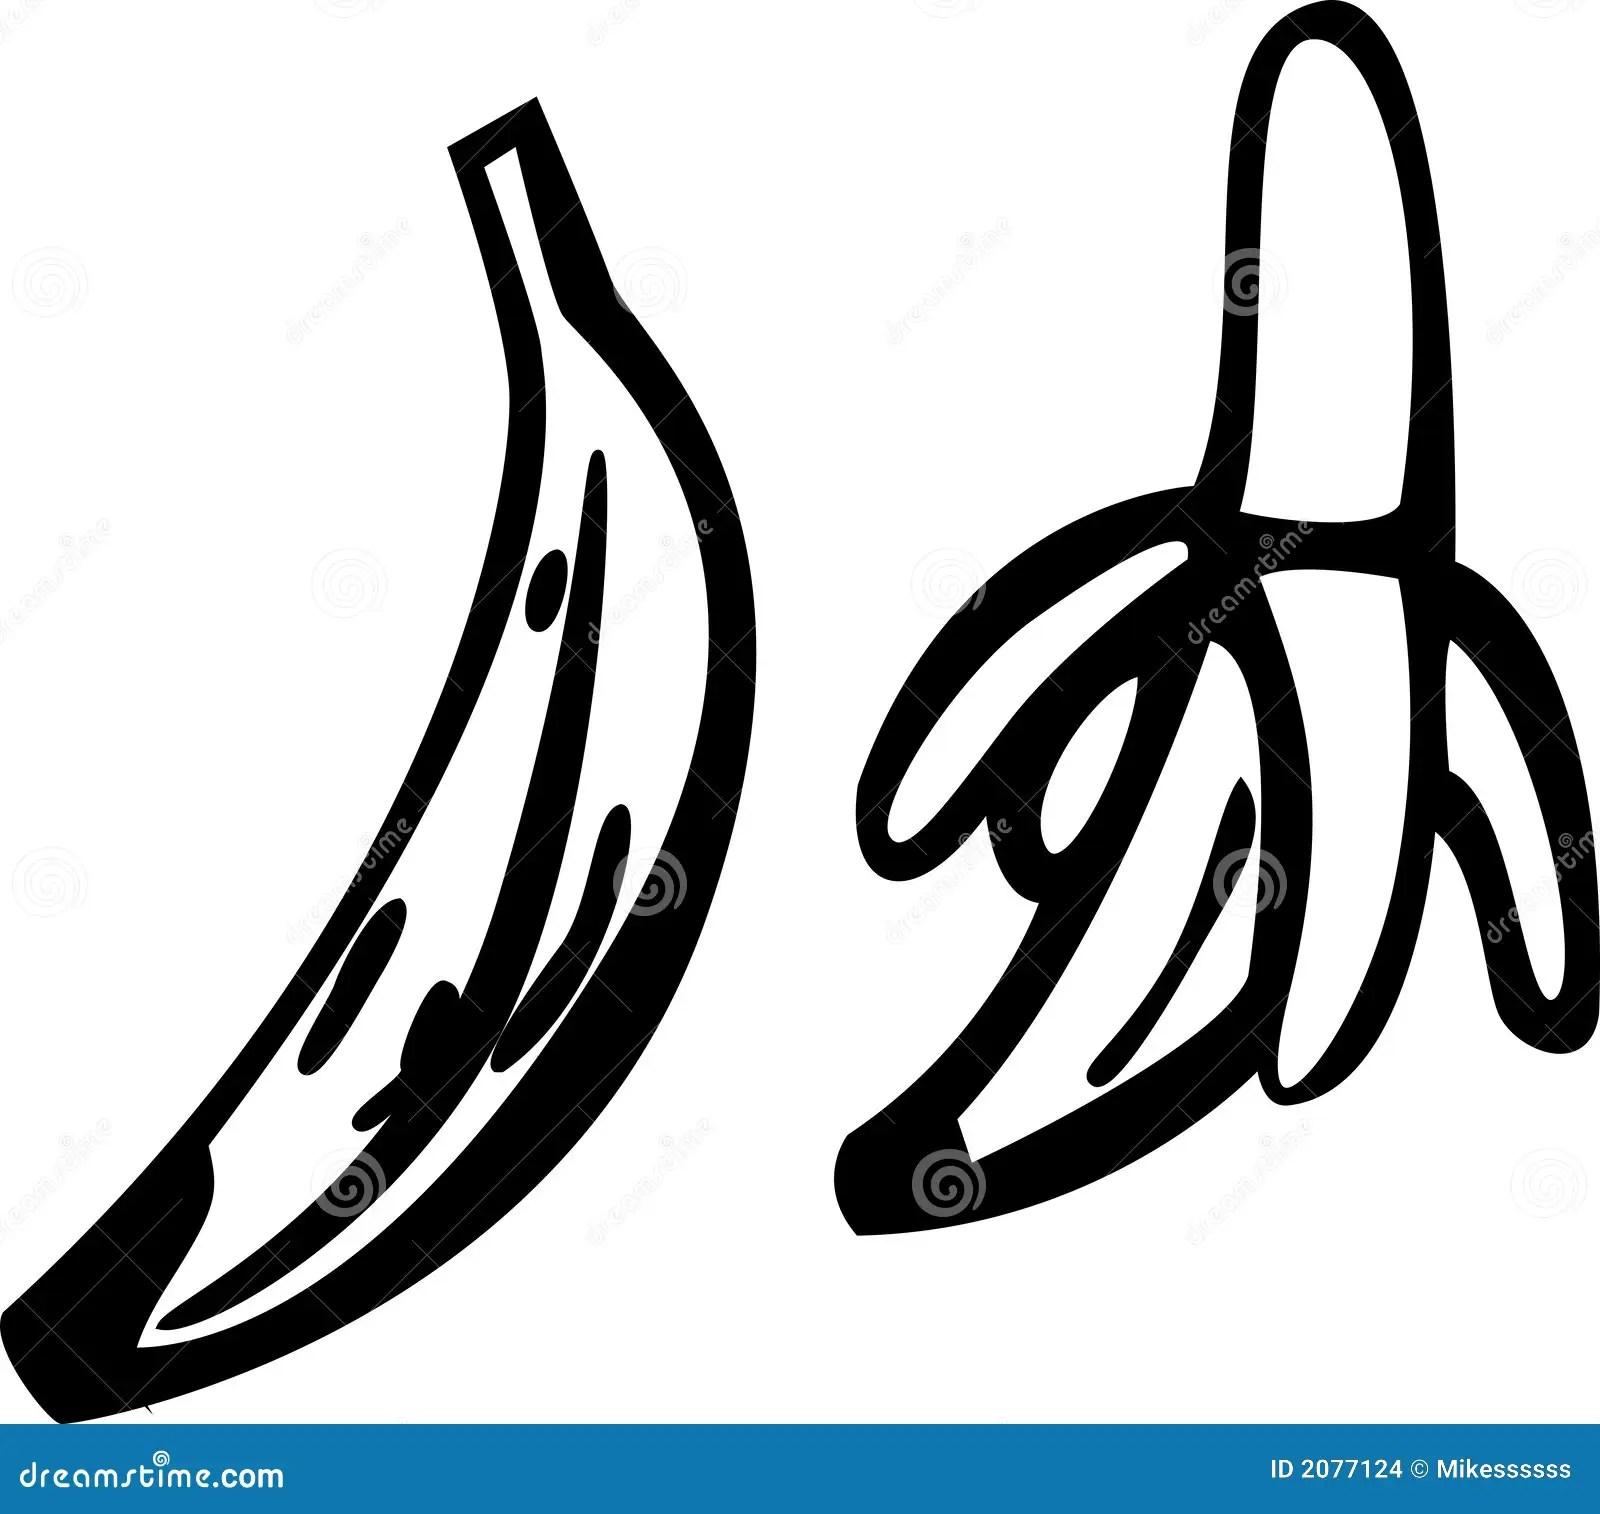 Bananas Vector Illustration Stock Vector